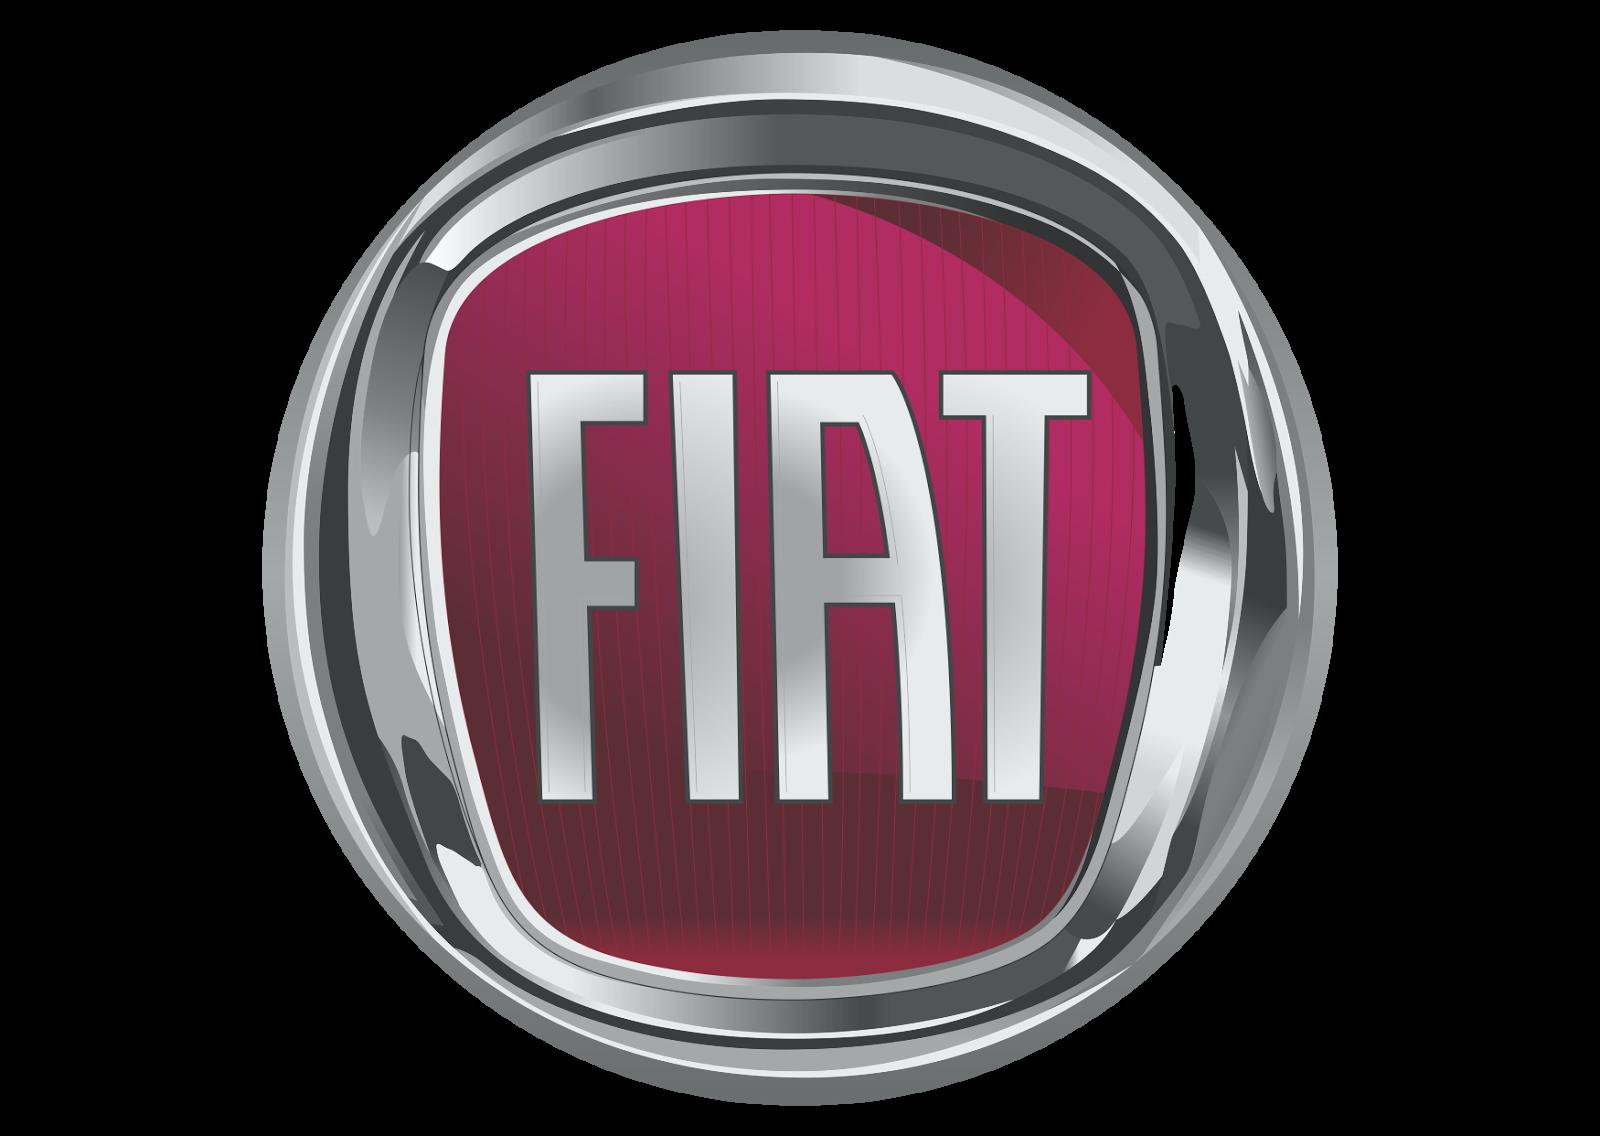 Fiat Logo Vector (Automotive industry company) Fiat logo